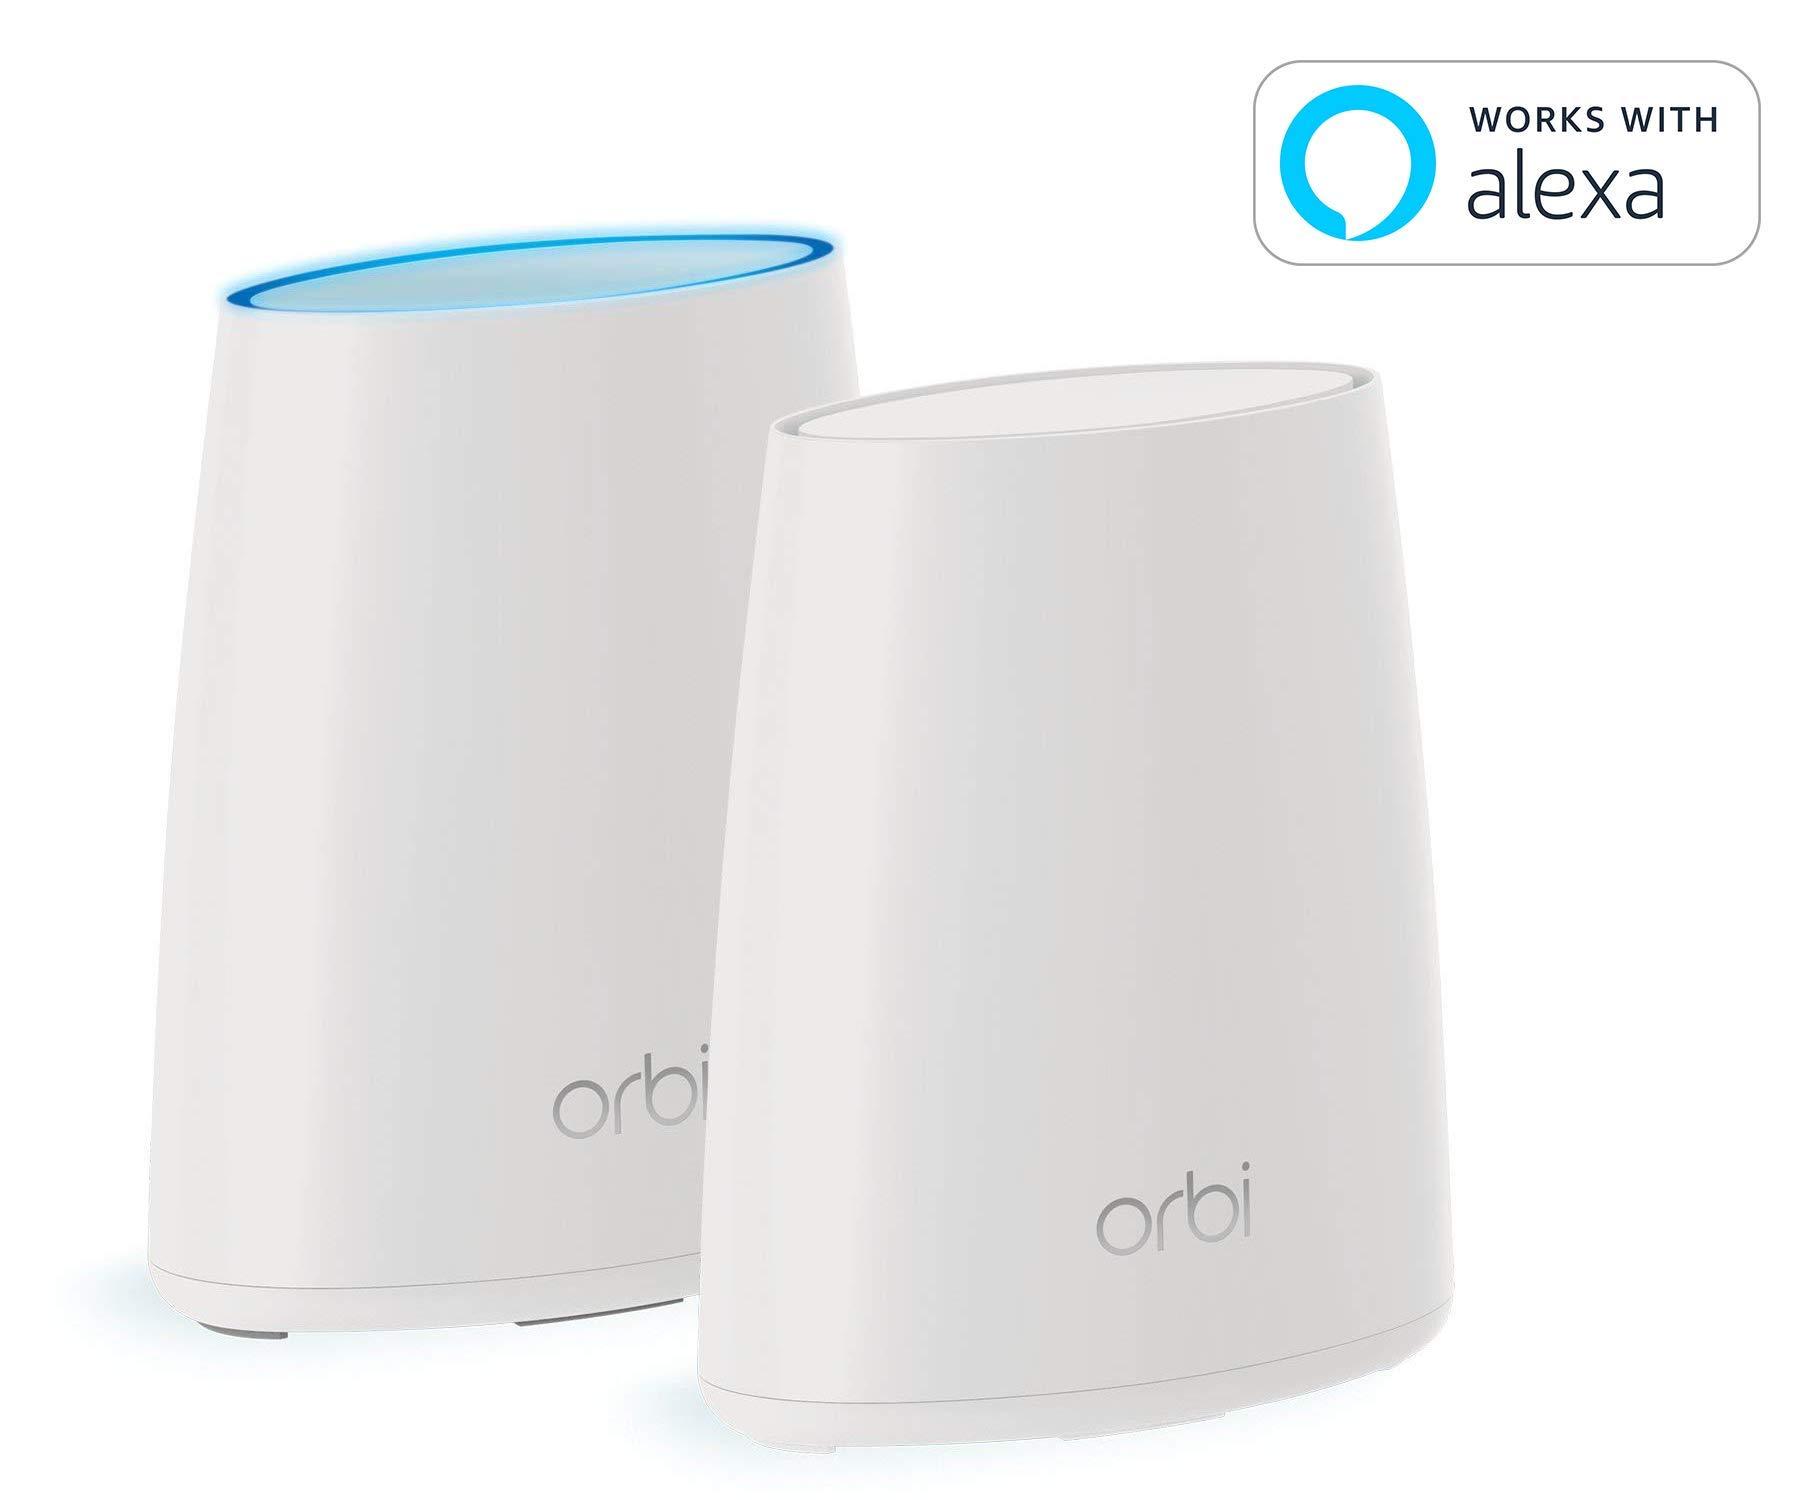 Netgear Orbi RBK40 IEEE 802 11ac Ethernet Wireless Router